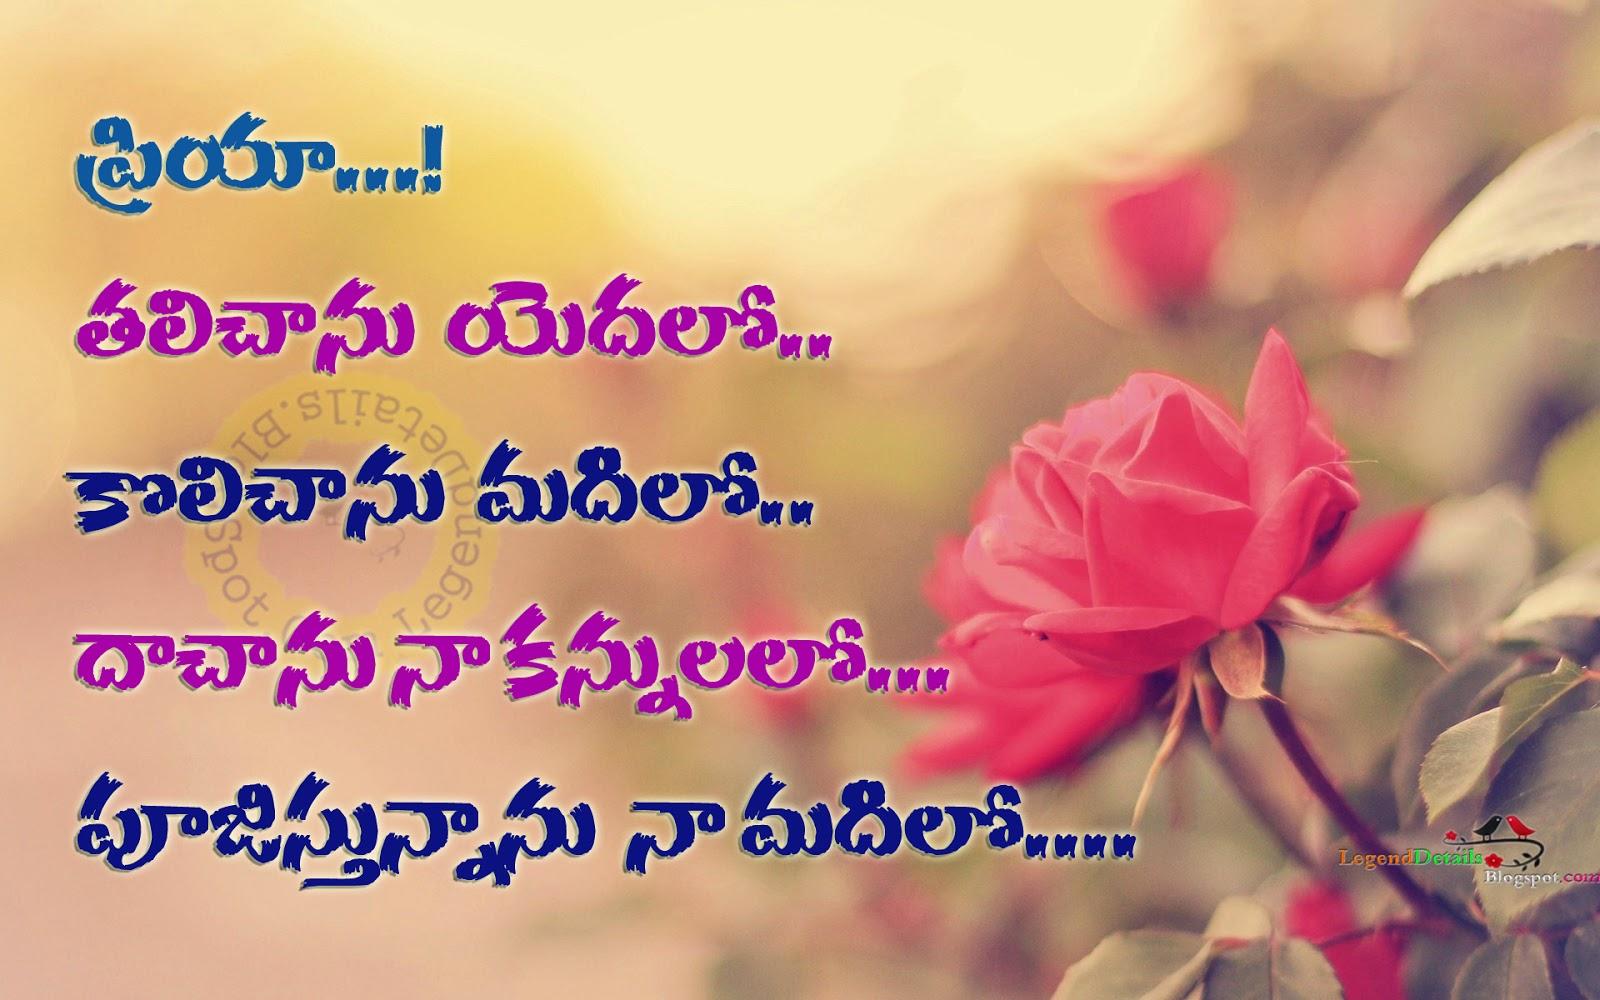 Telugu Kavithalu on Love in Telugu Language images